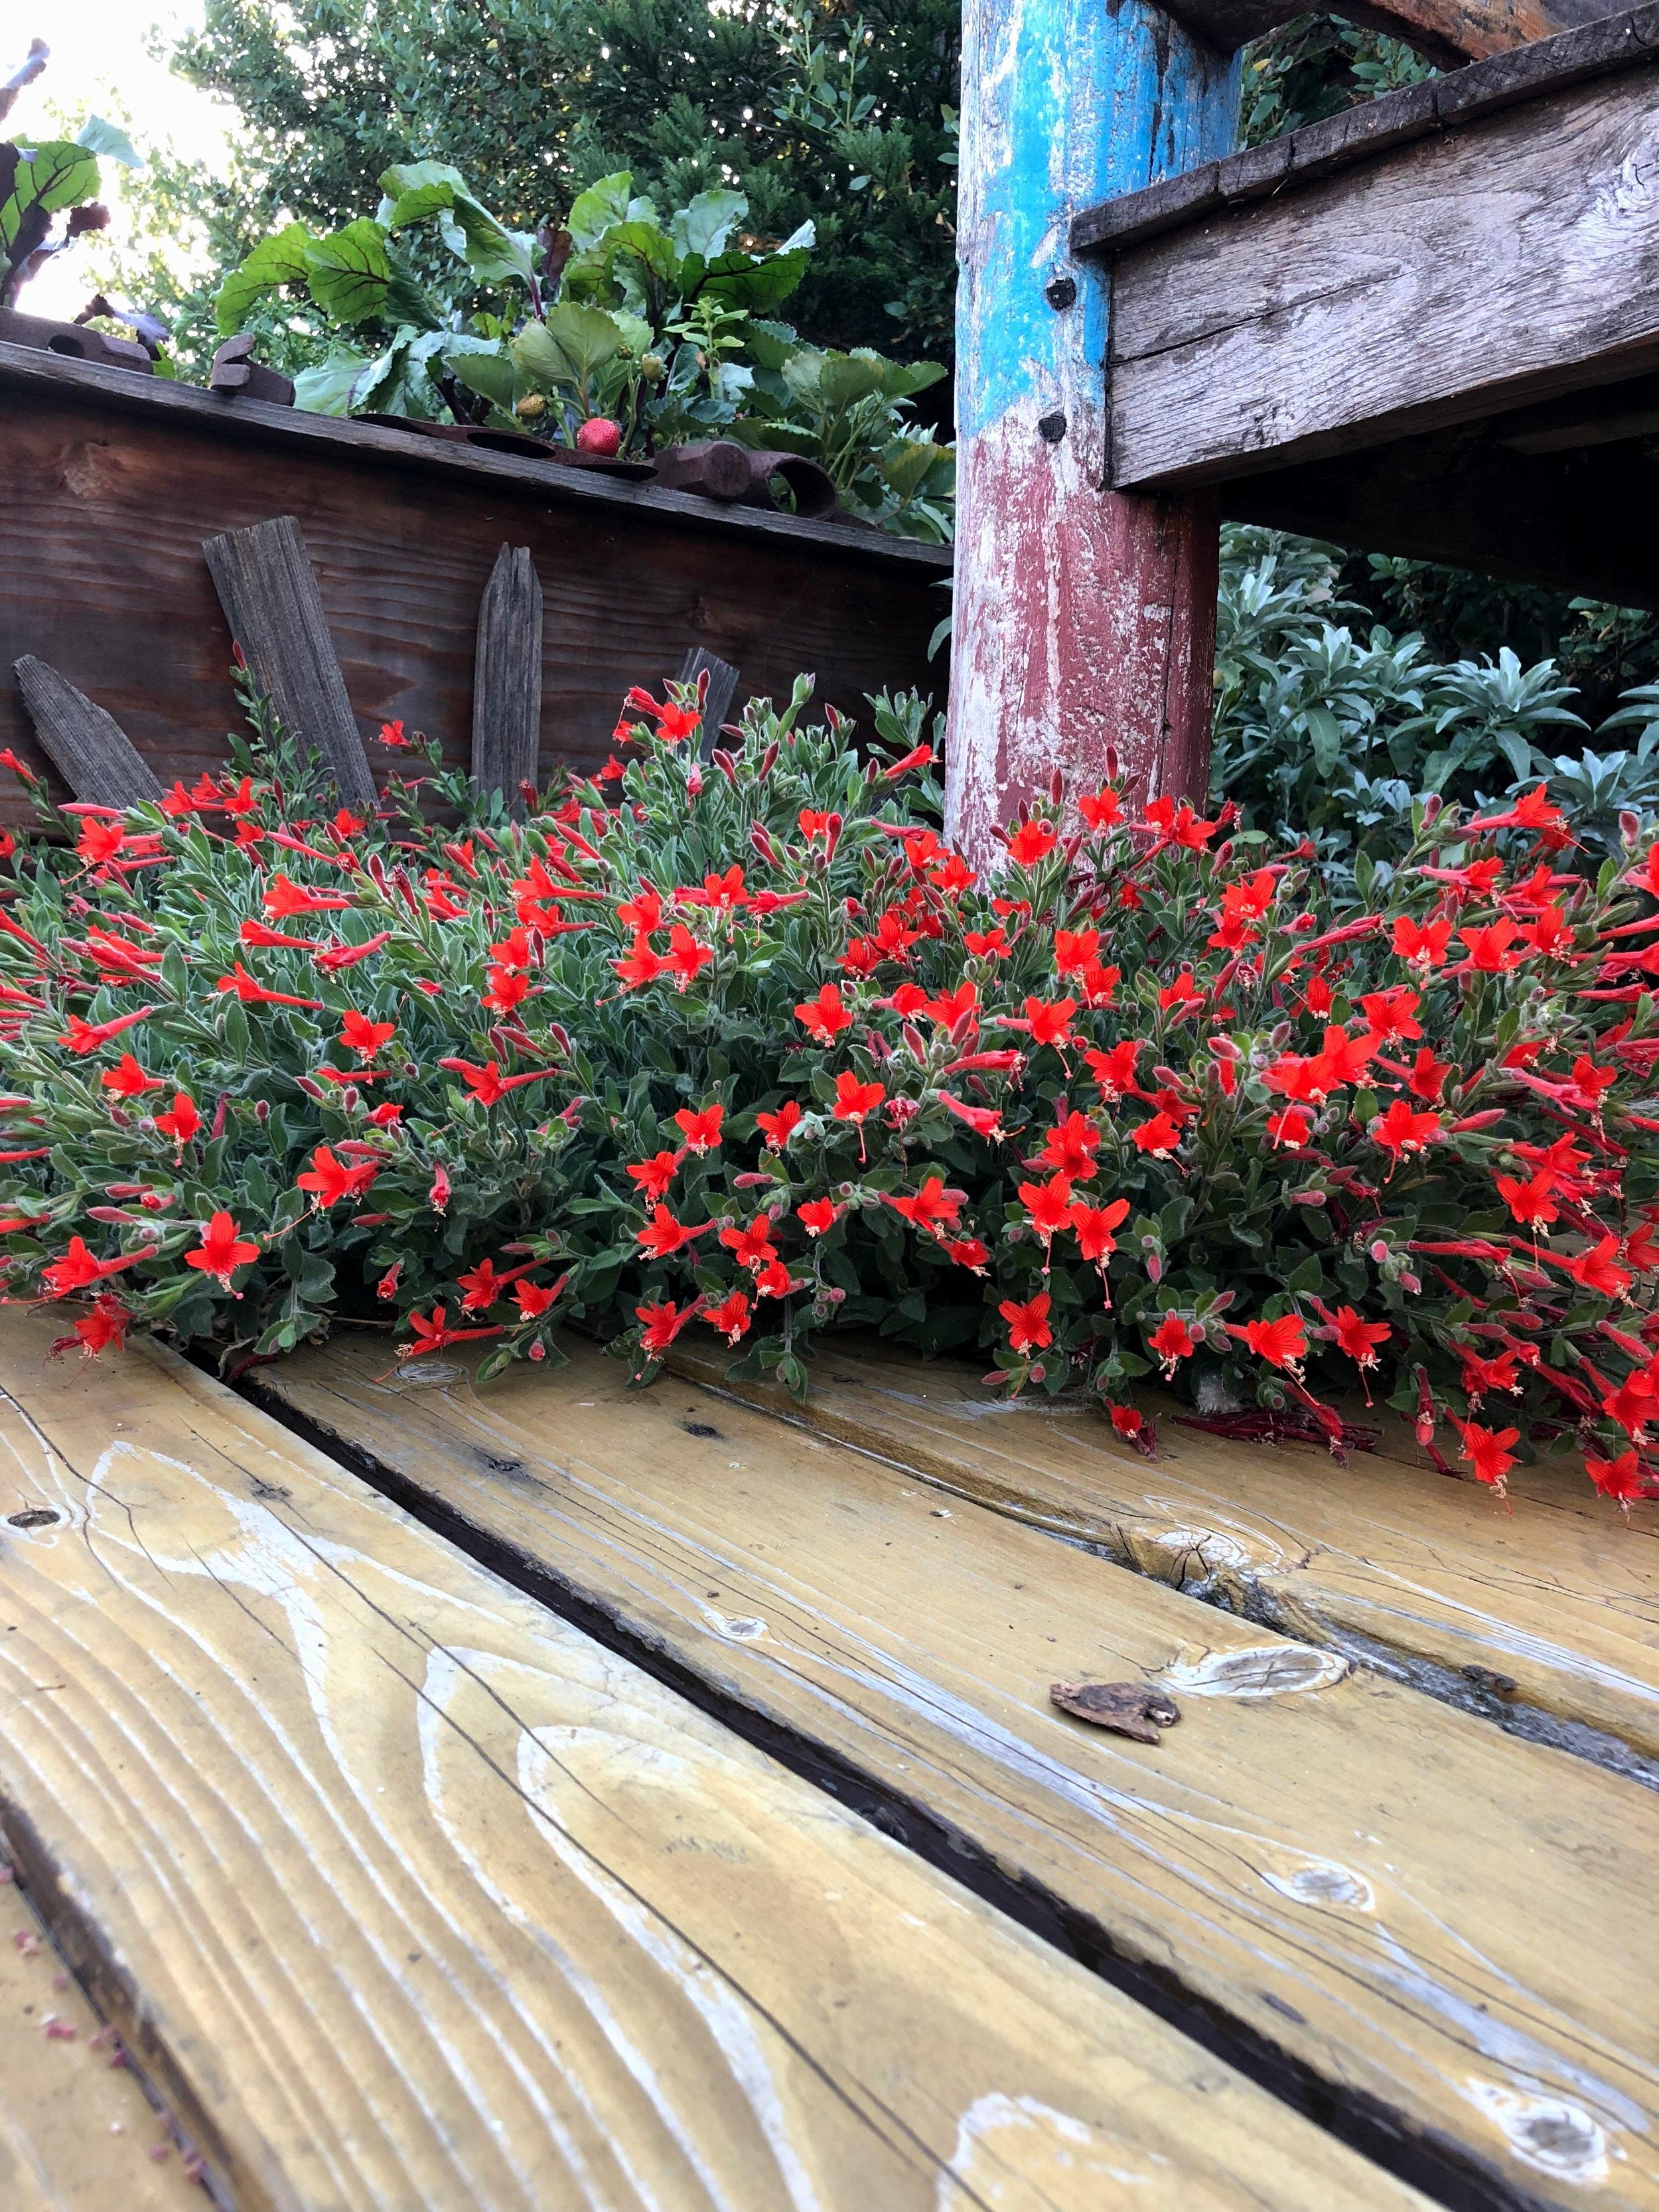 Epilobium canum 'California Fuchsia'